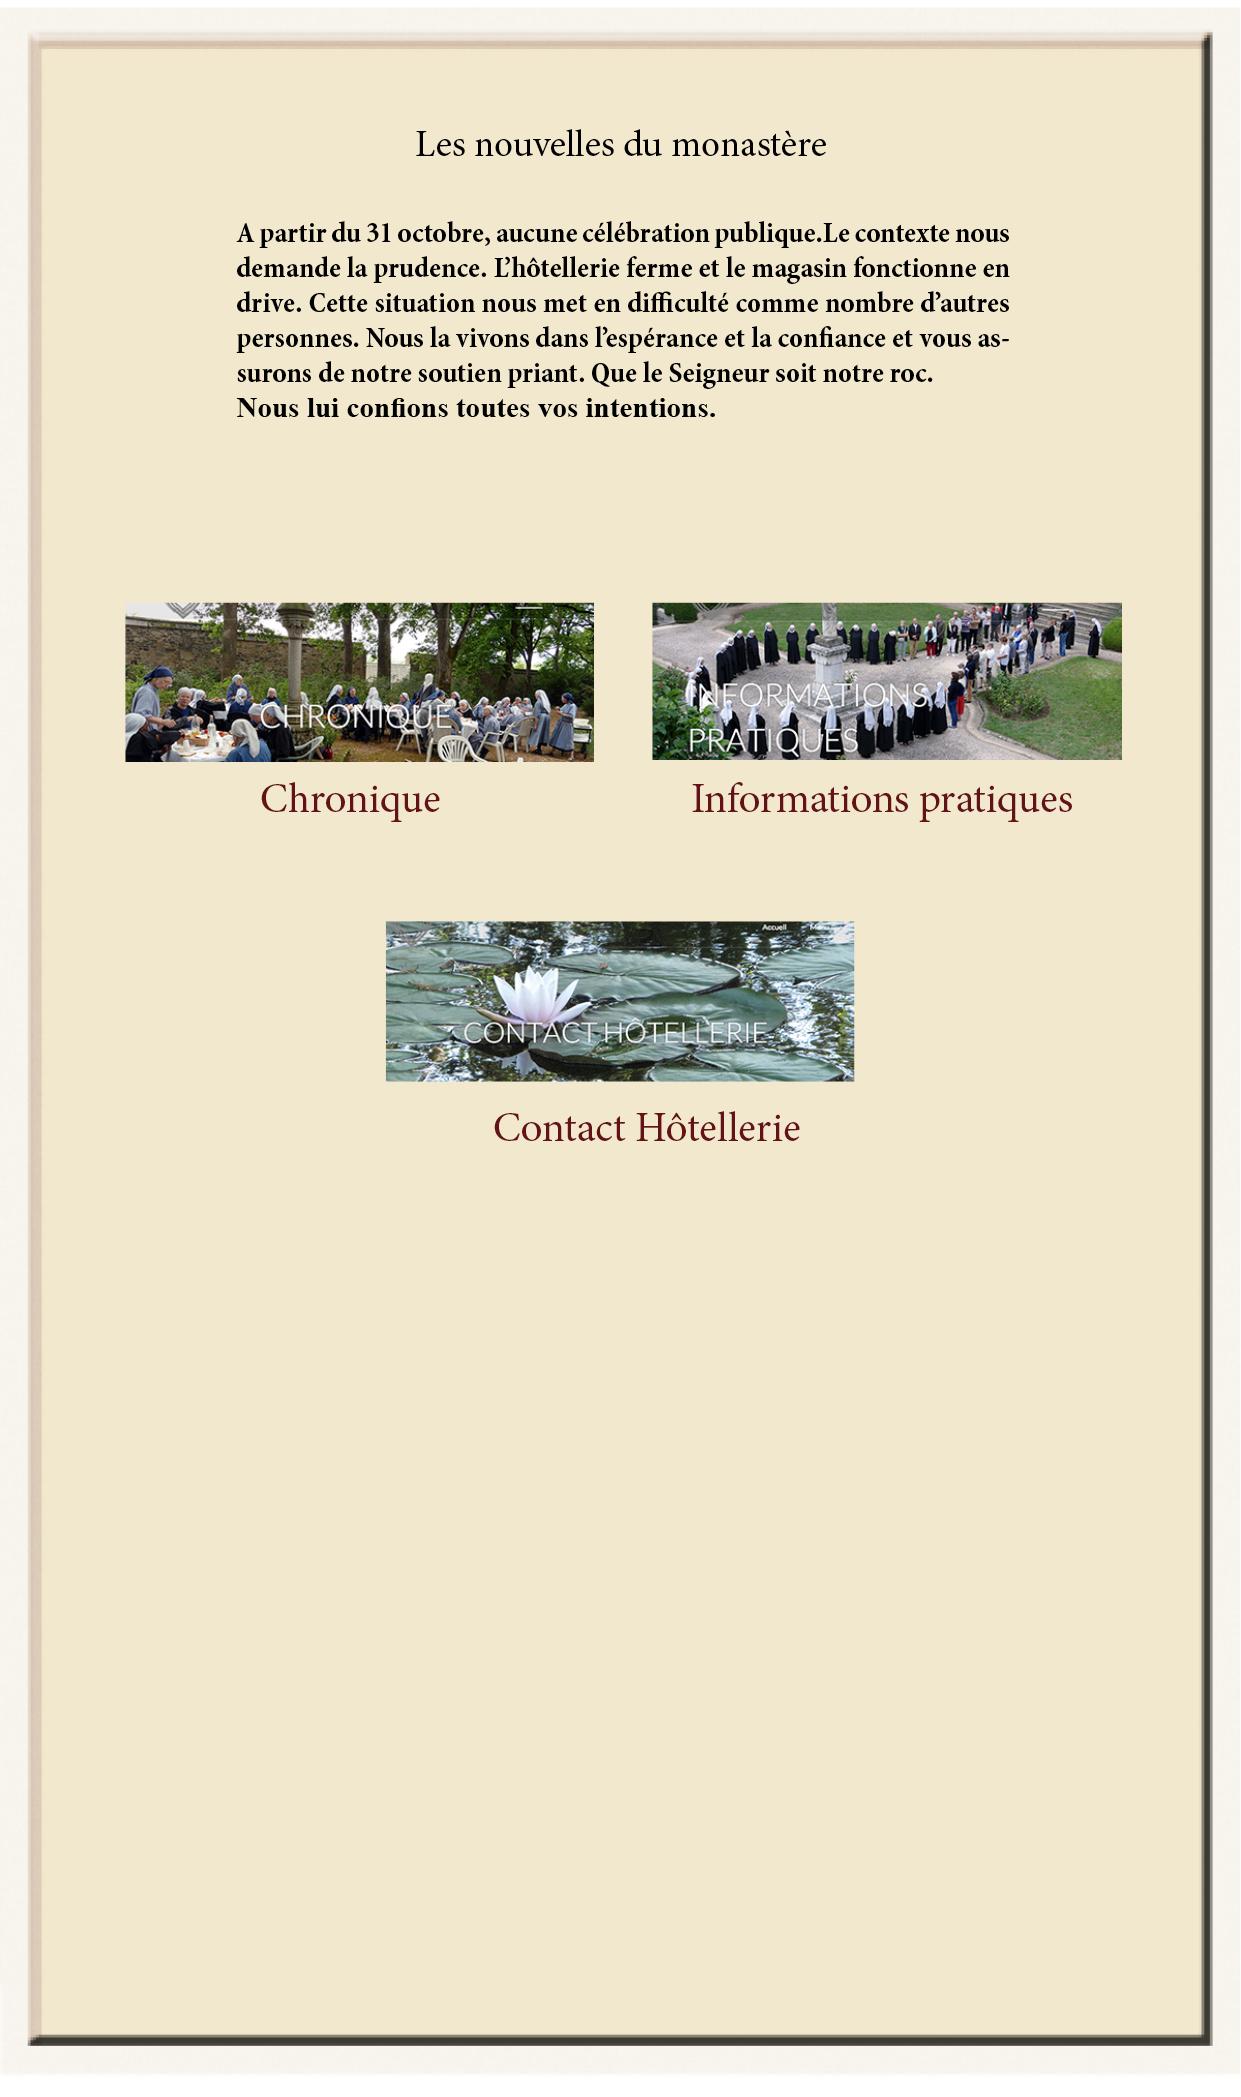 les_nouvelles_du_monastere20150911_11h